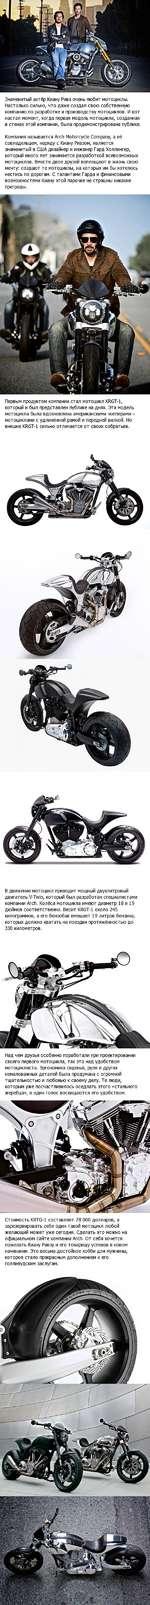 Знаменитый актёр Киану Ривз очень любит мотоциклы. Настолько сильно, что даже создал свою собственную компанию по разработке и производству мотоциклов. И вот настал момент, когда первая модель мотоцикла, созданная в стенах этой компании, была продемонстрирована публике. Компания называется Arch Mo